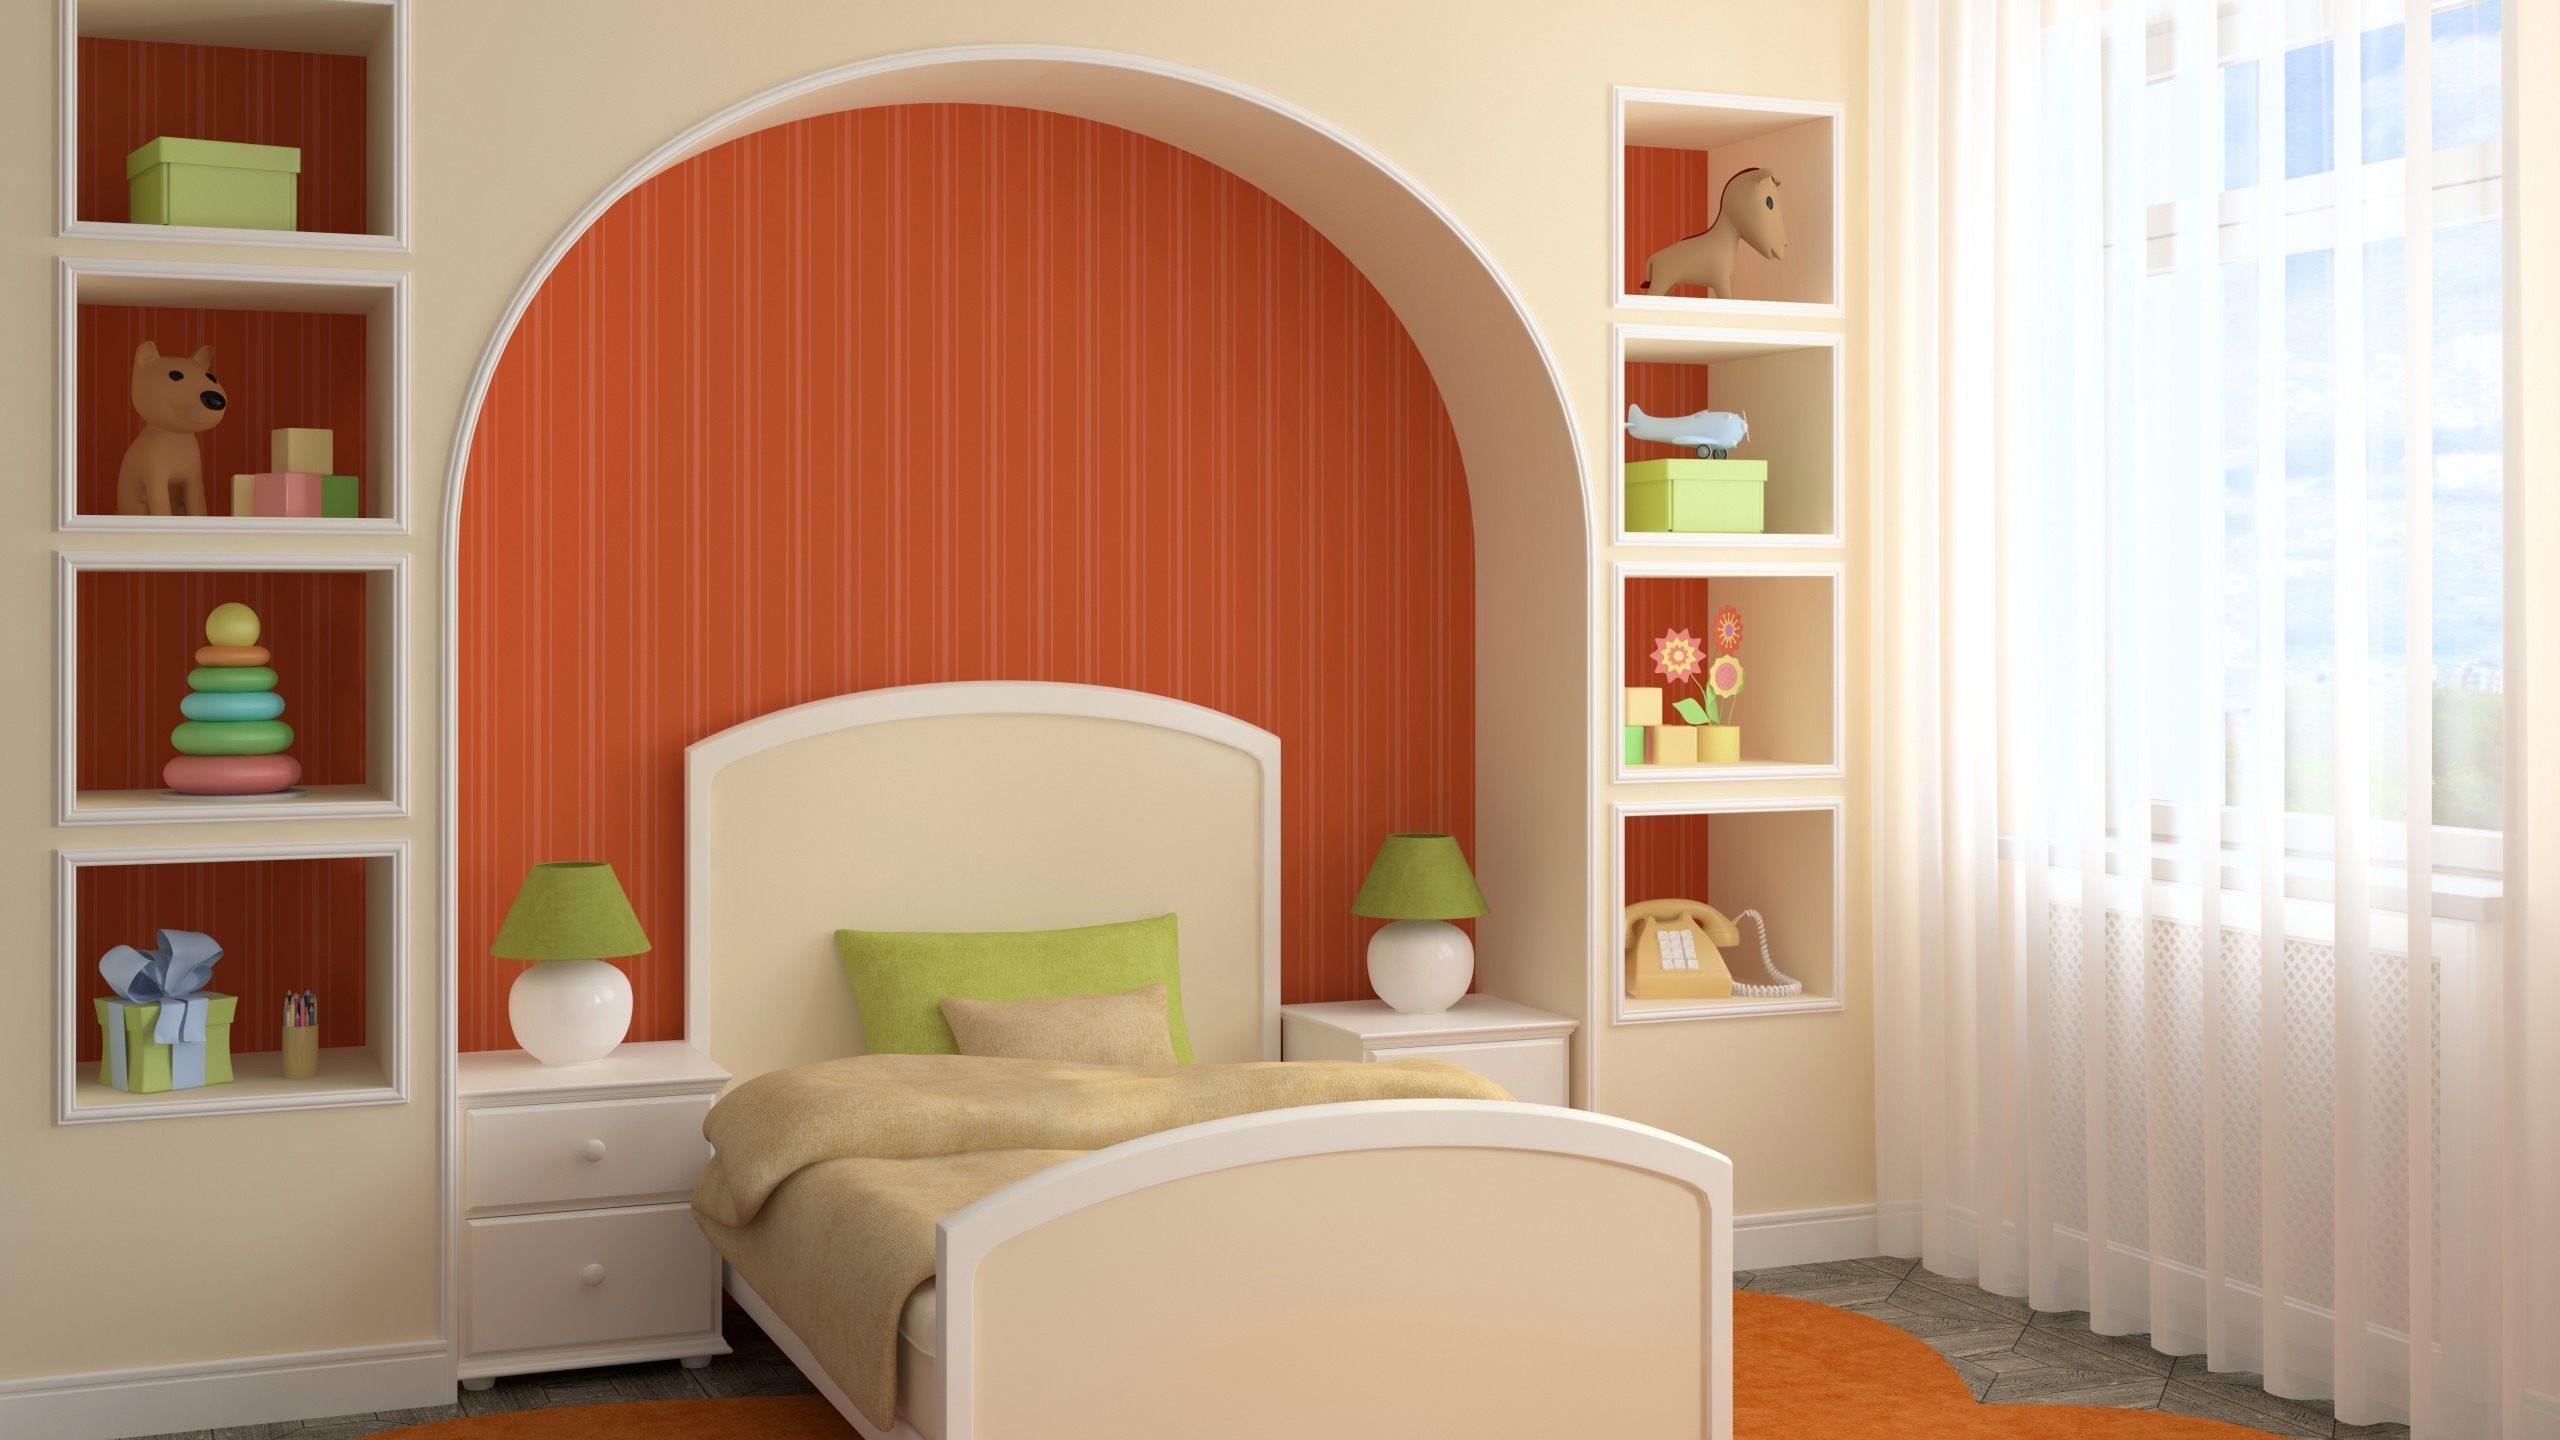 conception de niche de cloison sèche de chambre à coucher